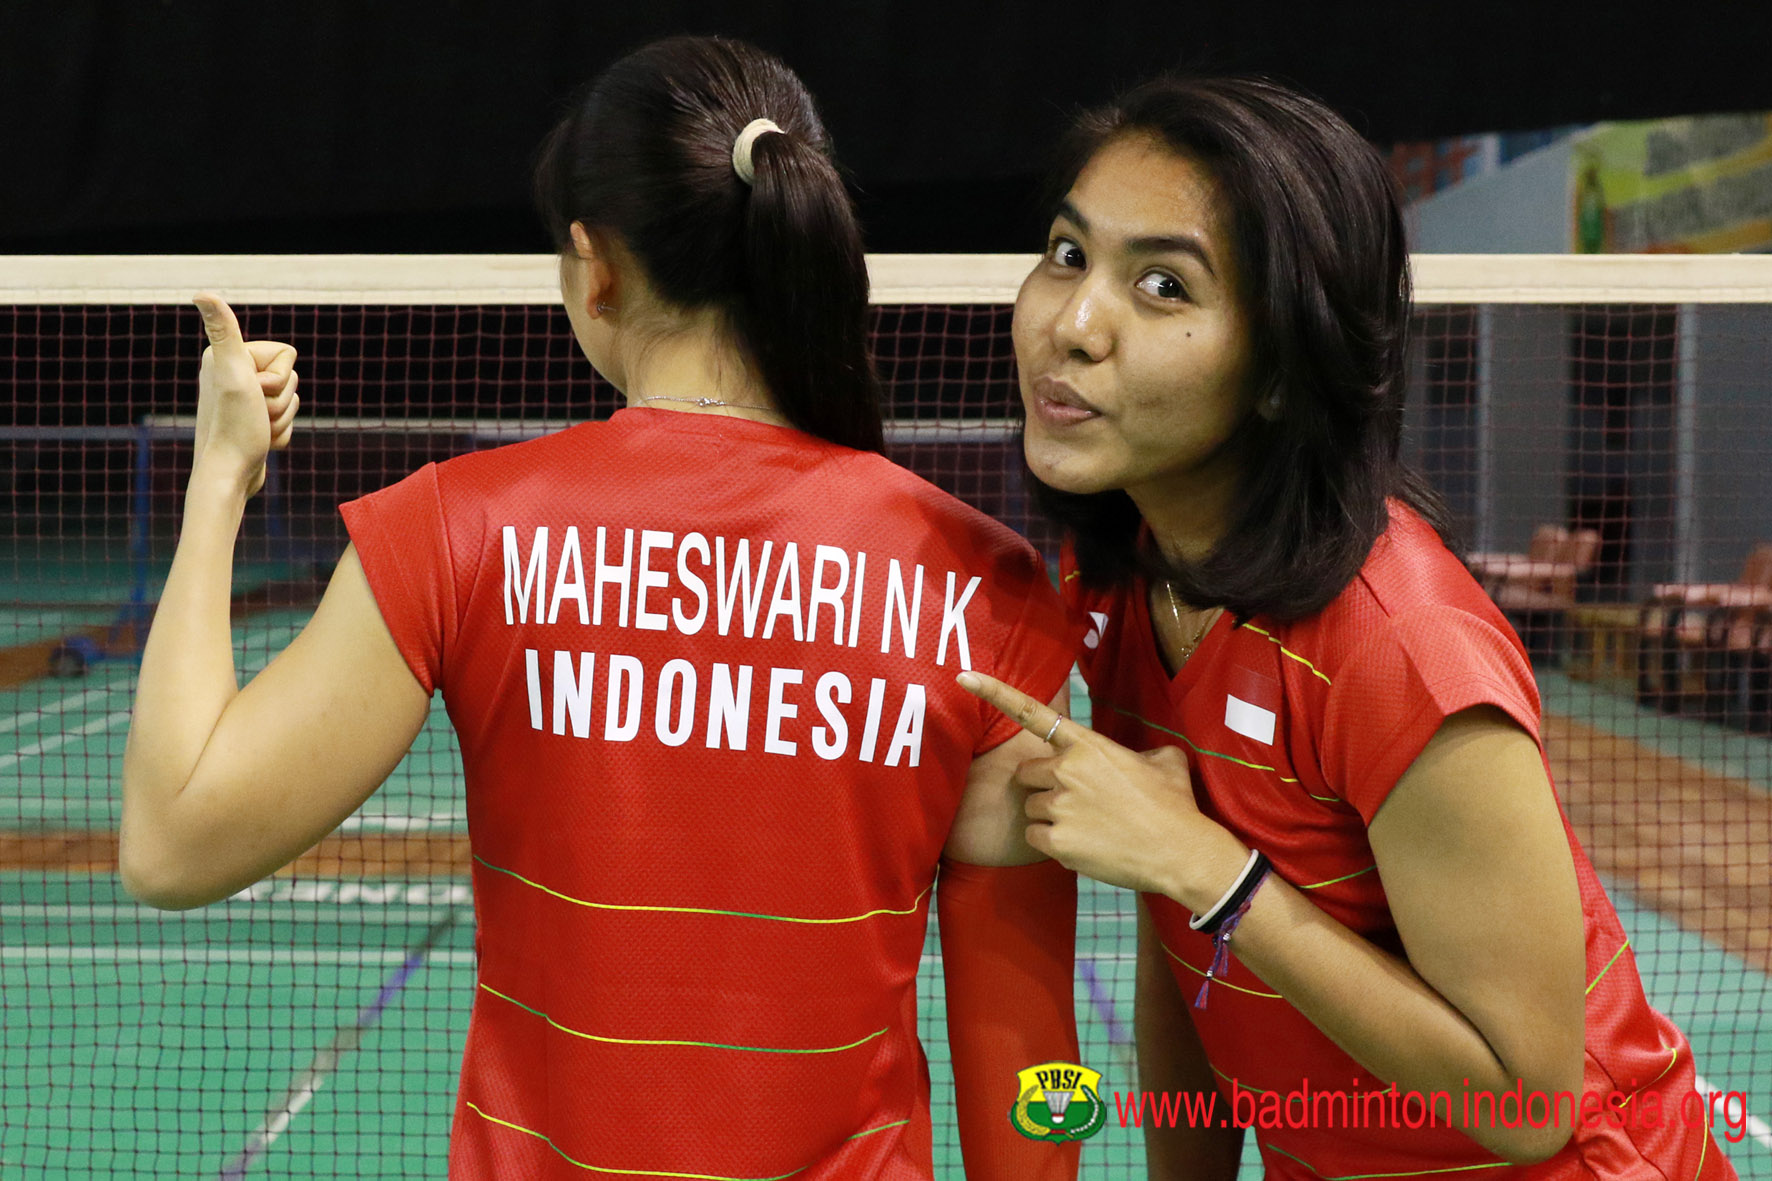 Inilah Ranking Pebulutangkis Indonesia untuk Dubai World